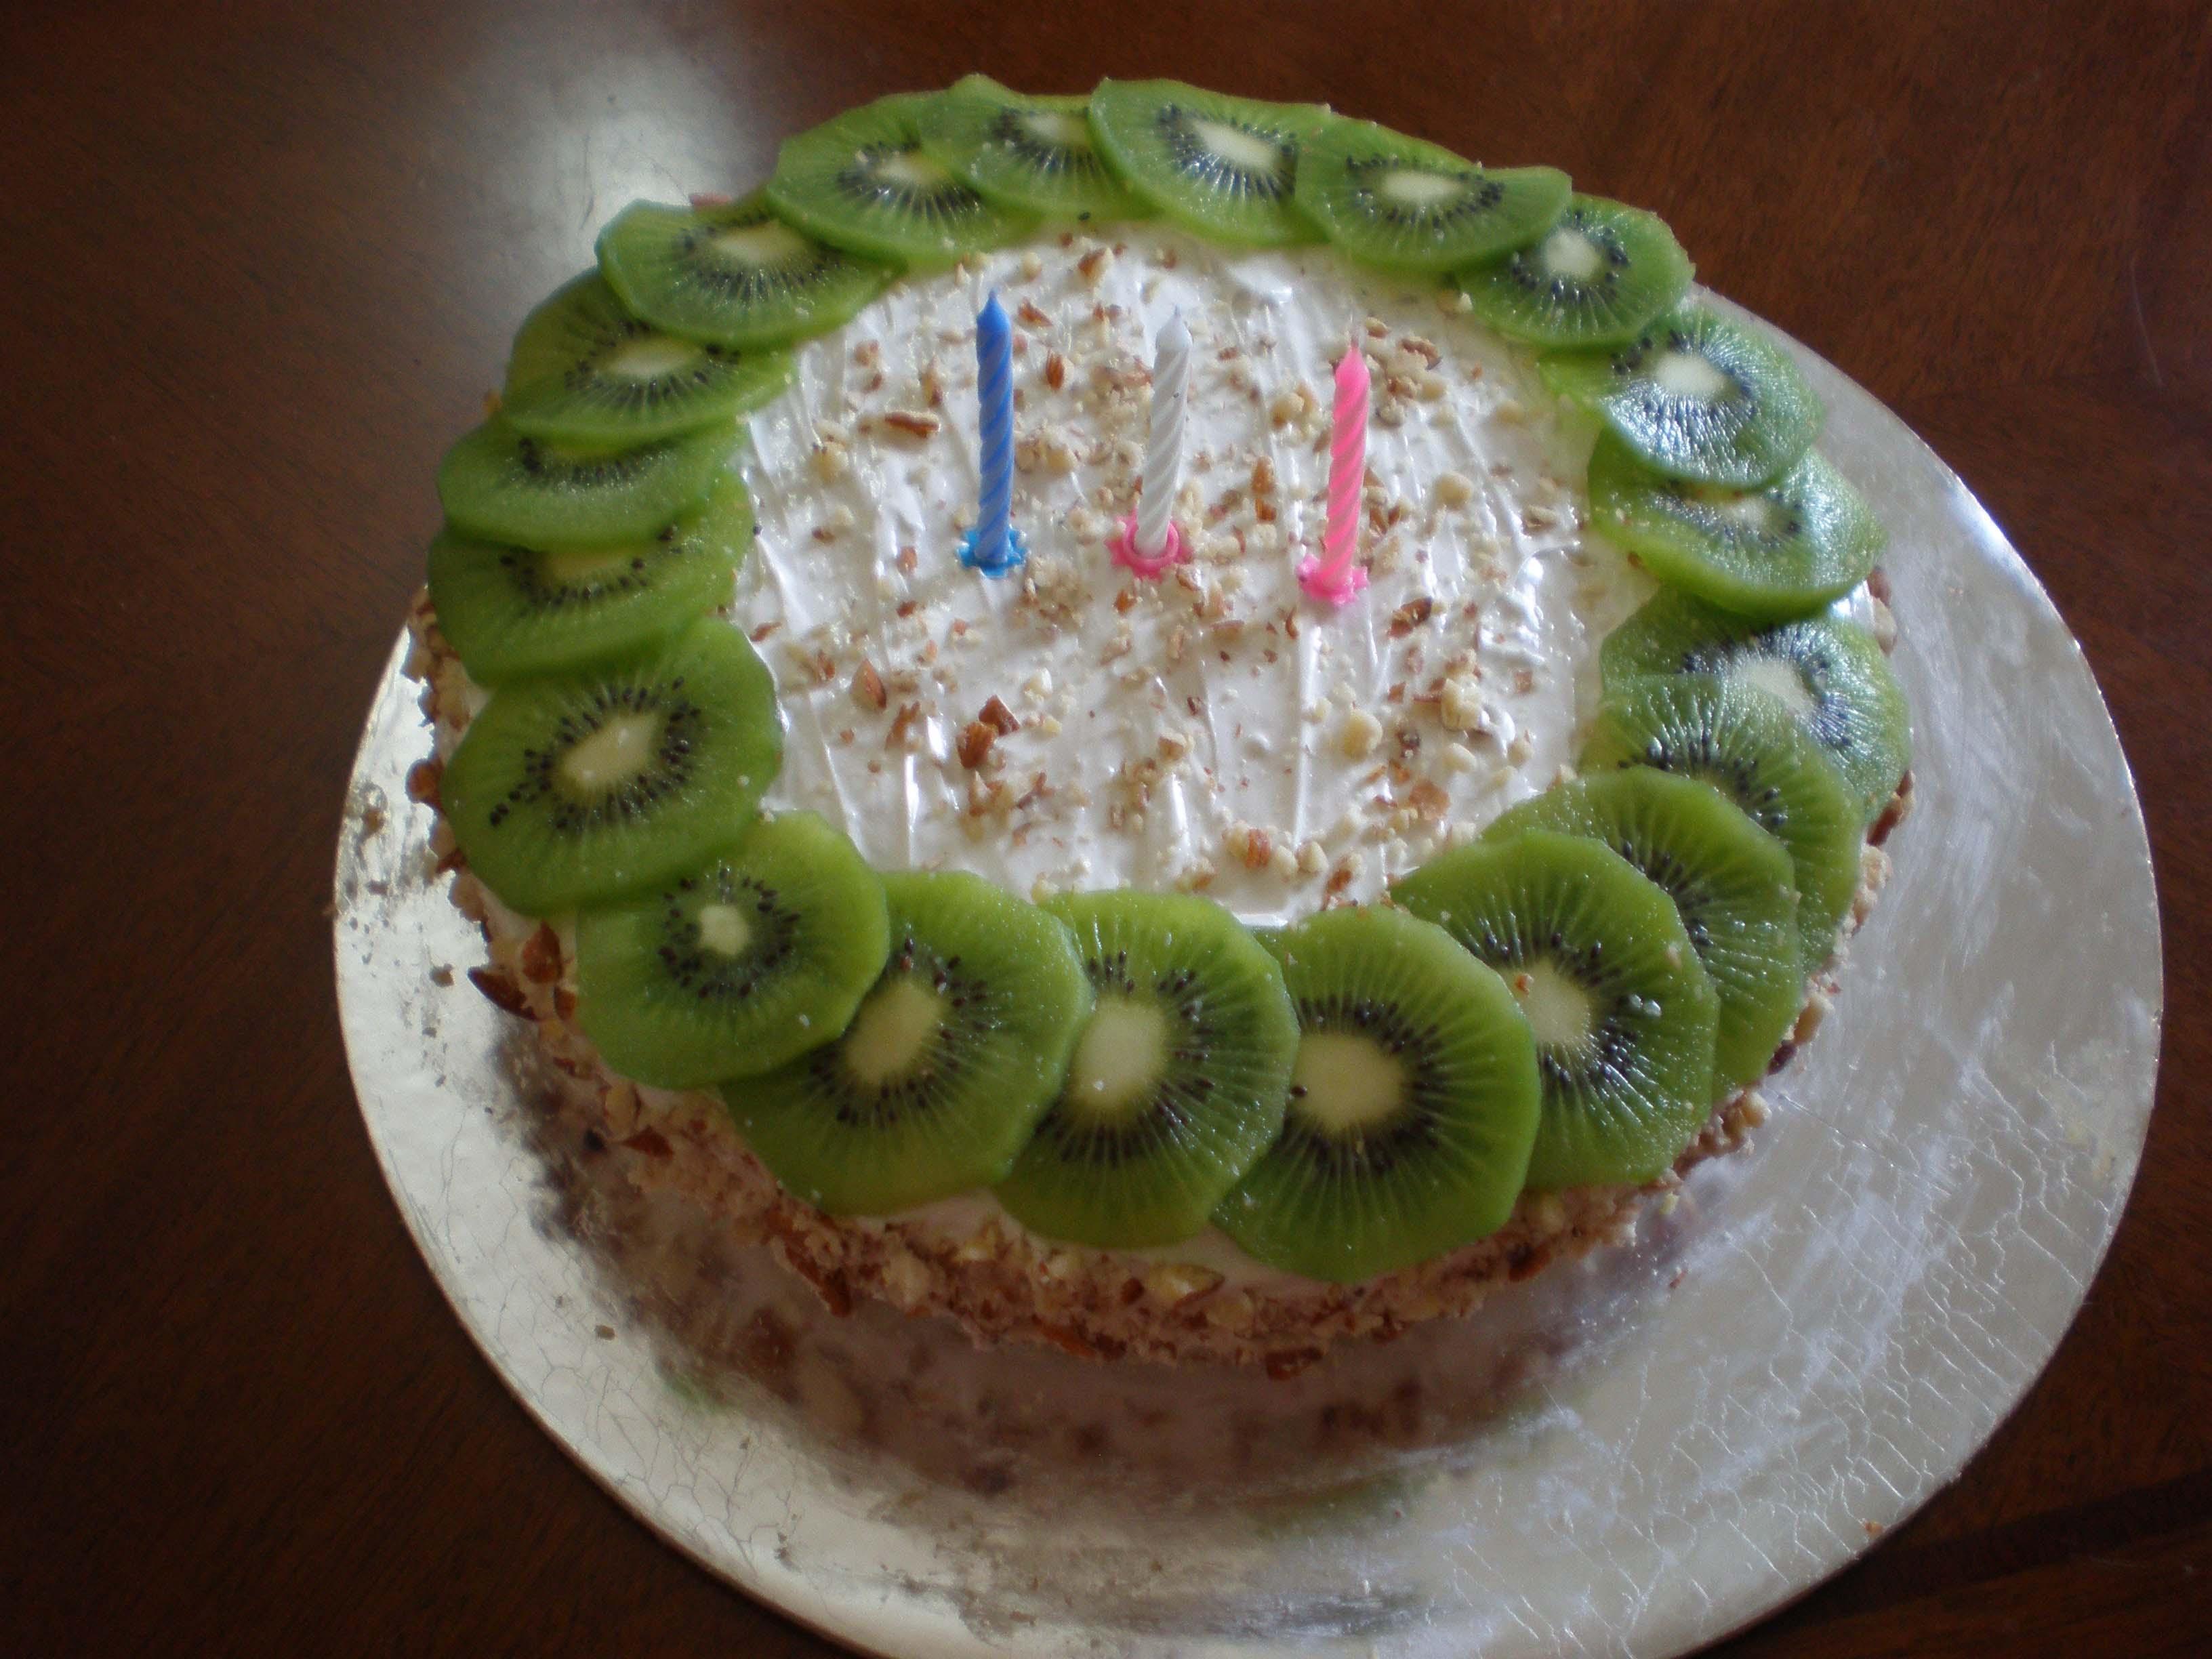 Vanilla cake by me-p8072298-jpg